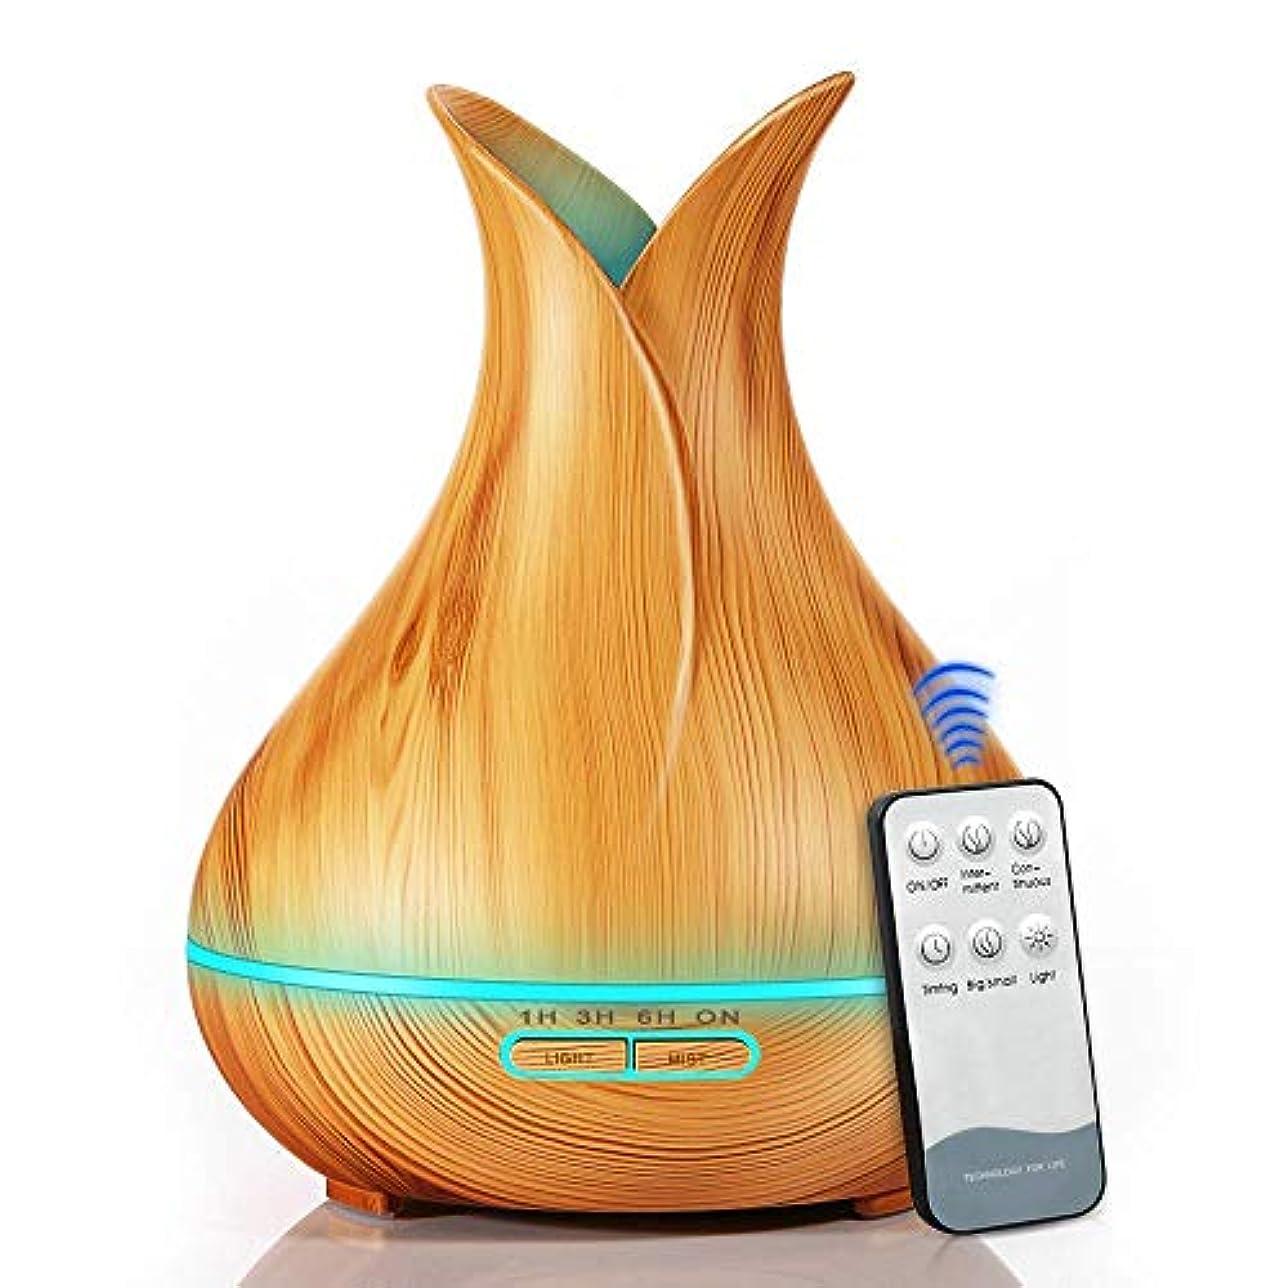 最も資本主義眉400Mlアロマエッセンシャルオイルディフューザーリモコン超音波加湿器、ウッドグレイン7色LED点灯タイマー設定,Brown